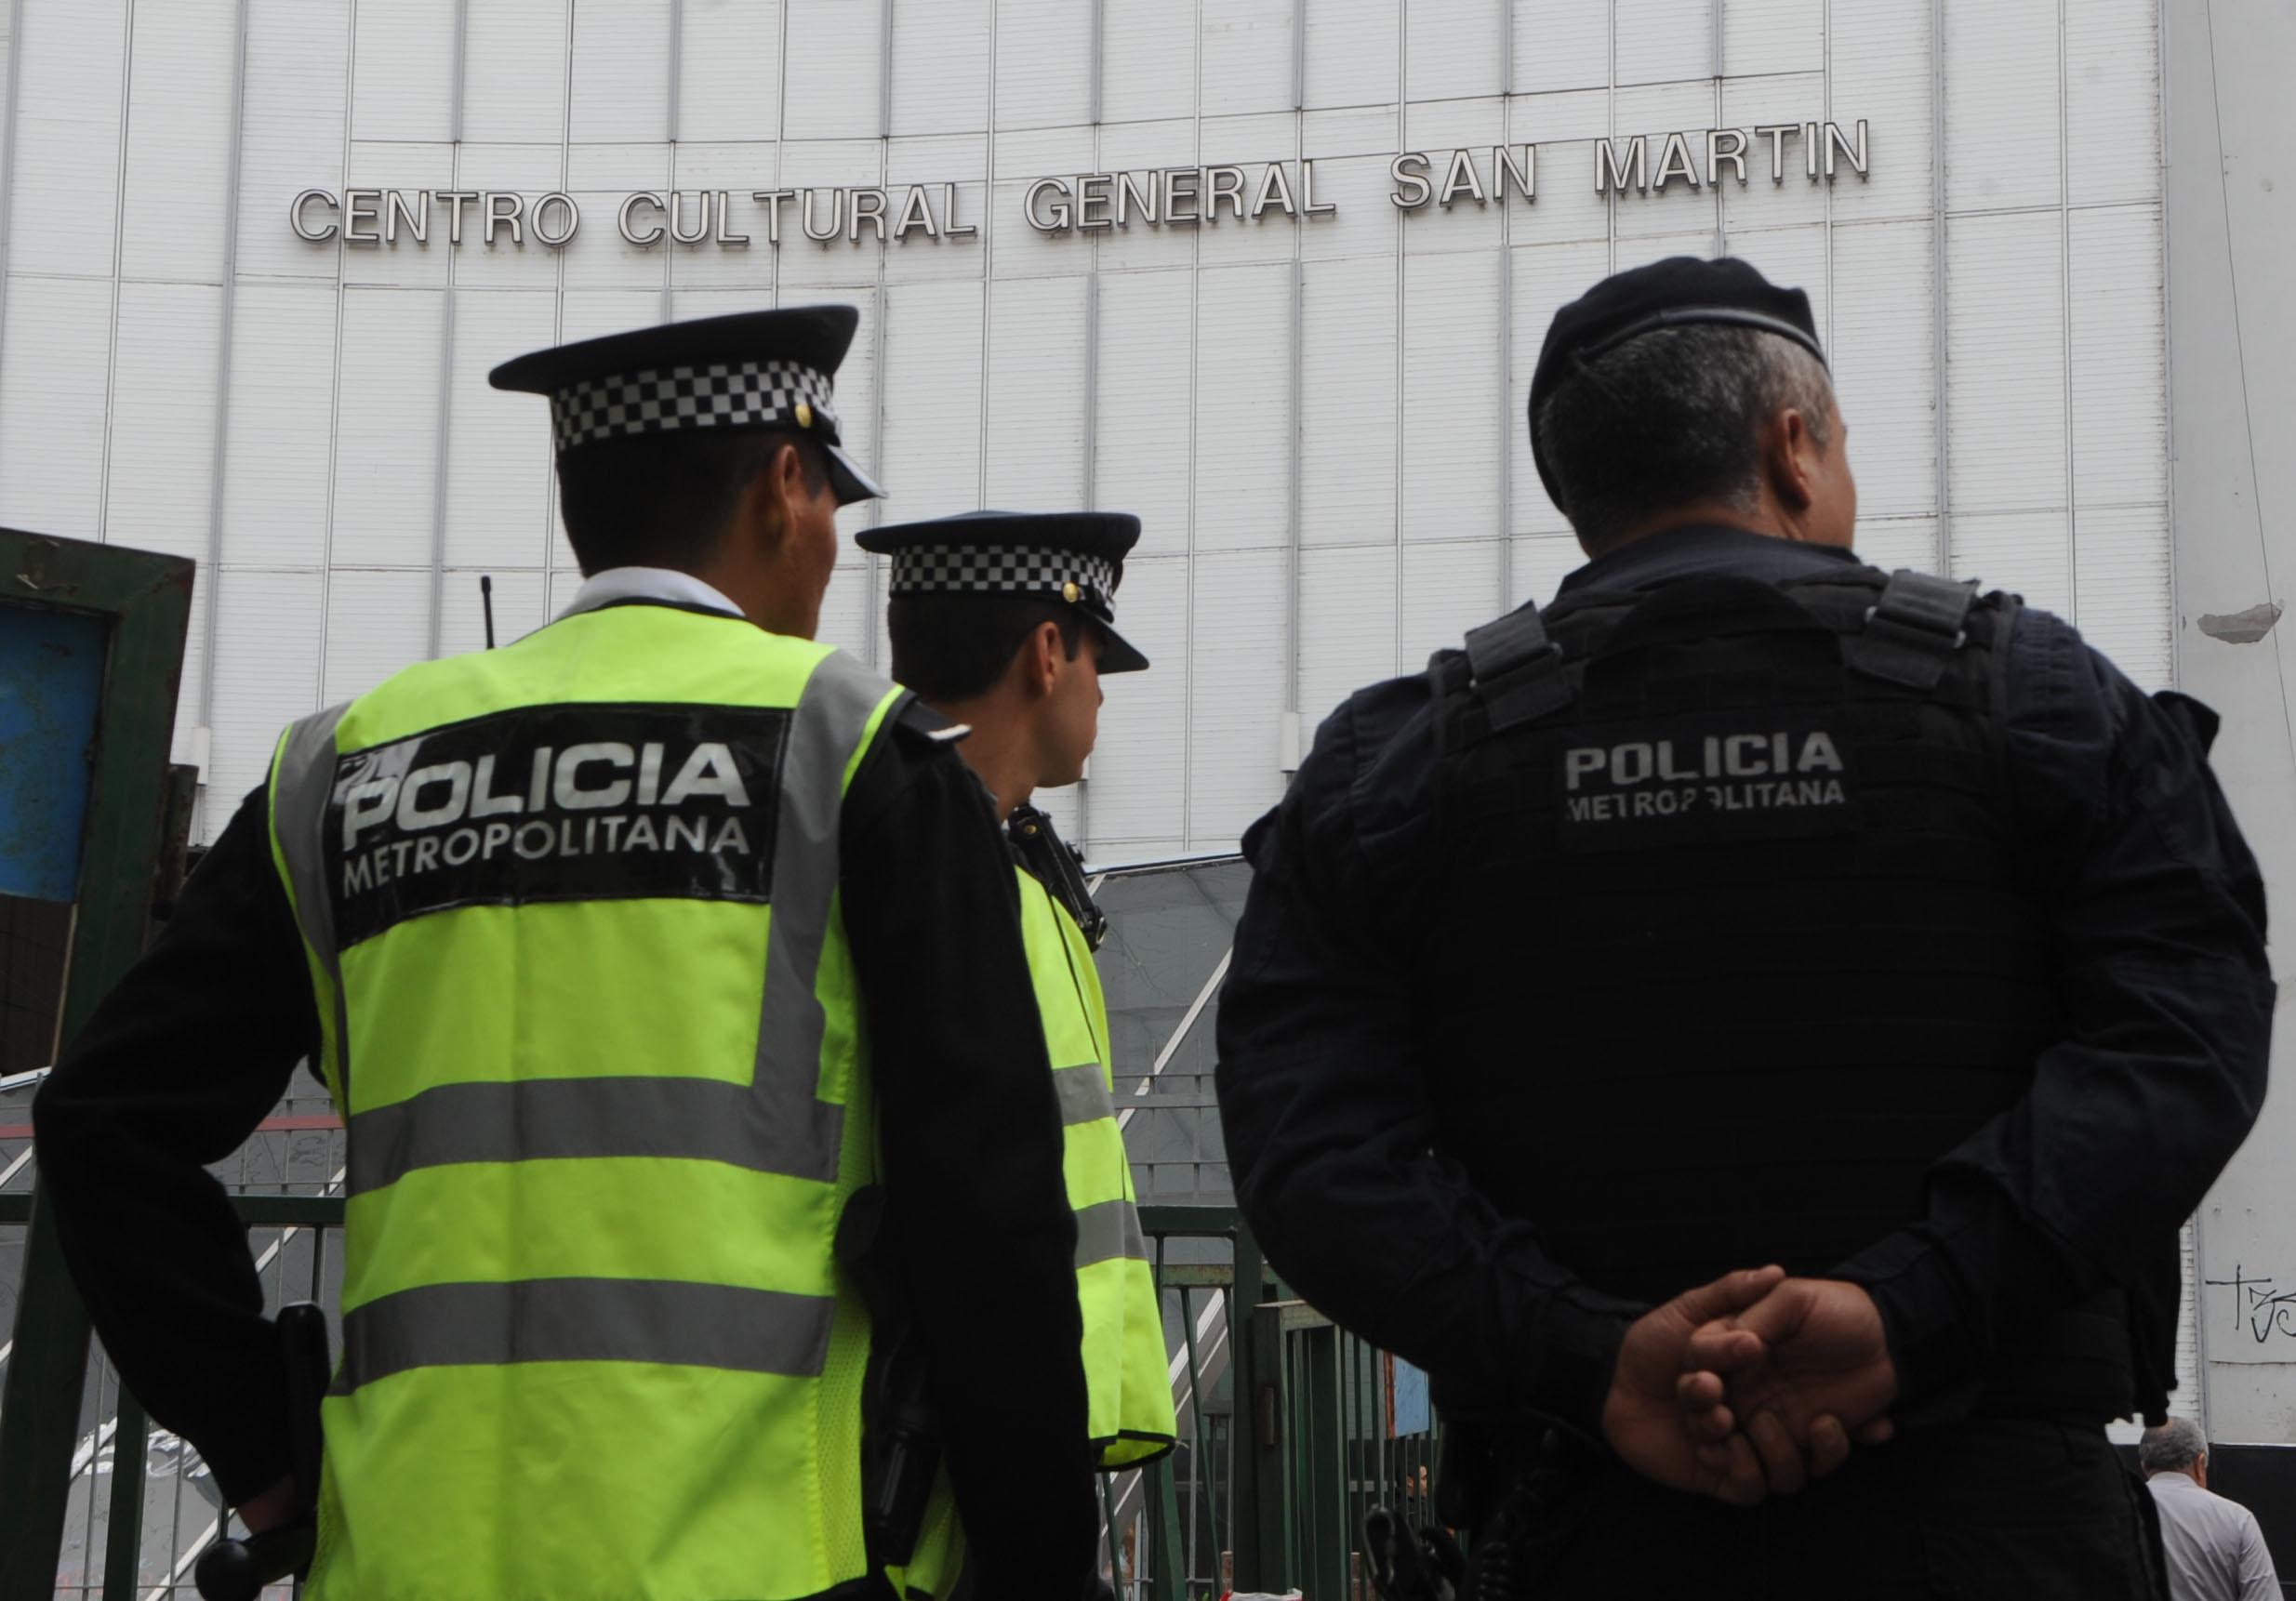 Abuso policial y discriminación: la Policía Metropolitana acusada de represión ilegal contra mujeres trans